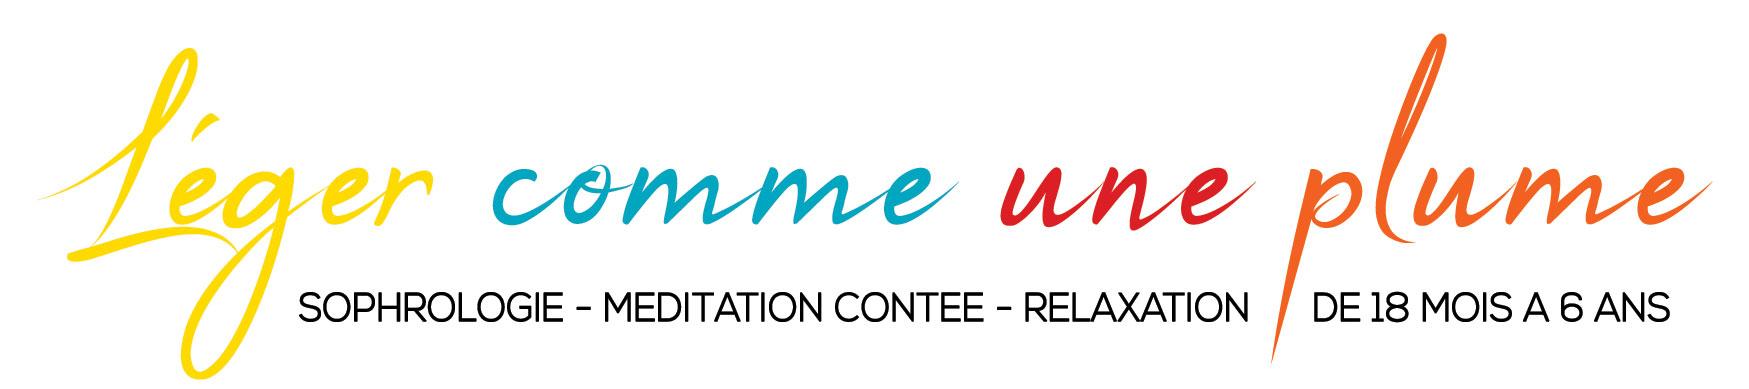 Léger comme une plume - sophrologie et yoga ludique - relaxation - médiation contée - Lens, Hénin, Carvin, Arras, Lille